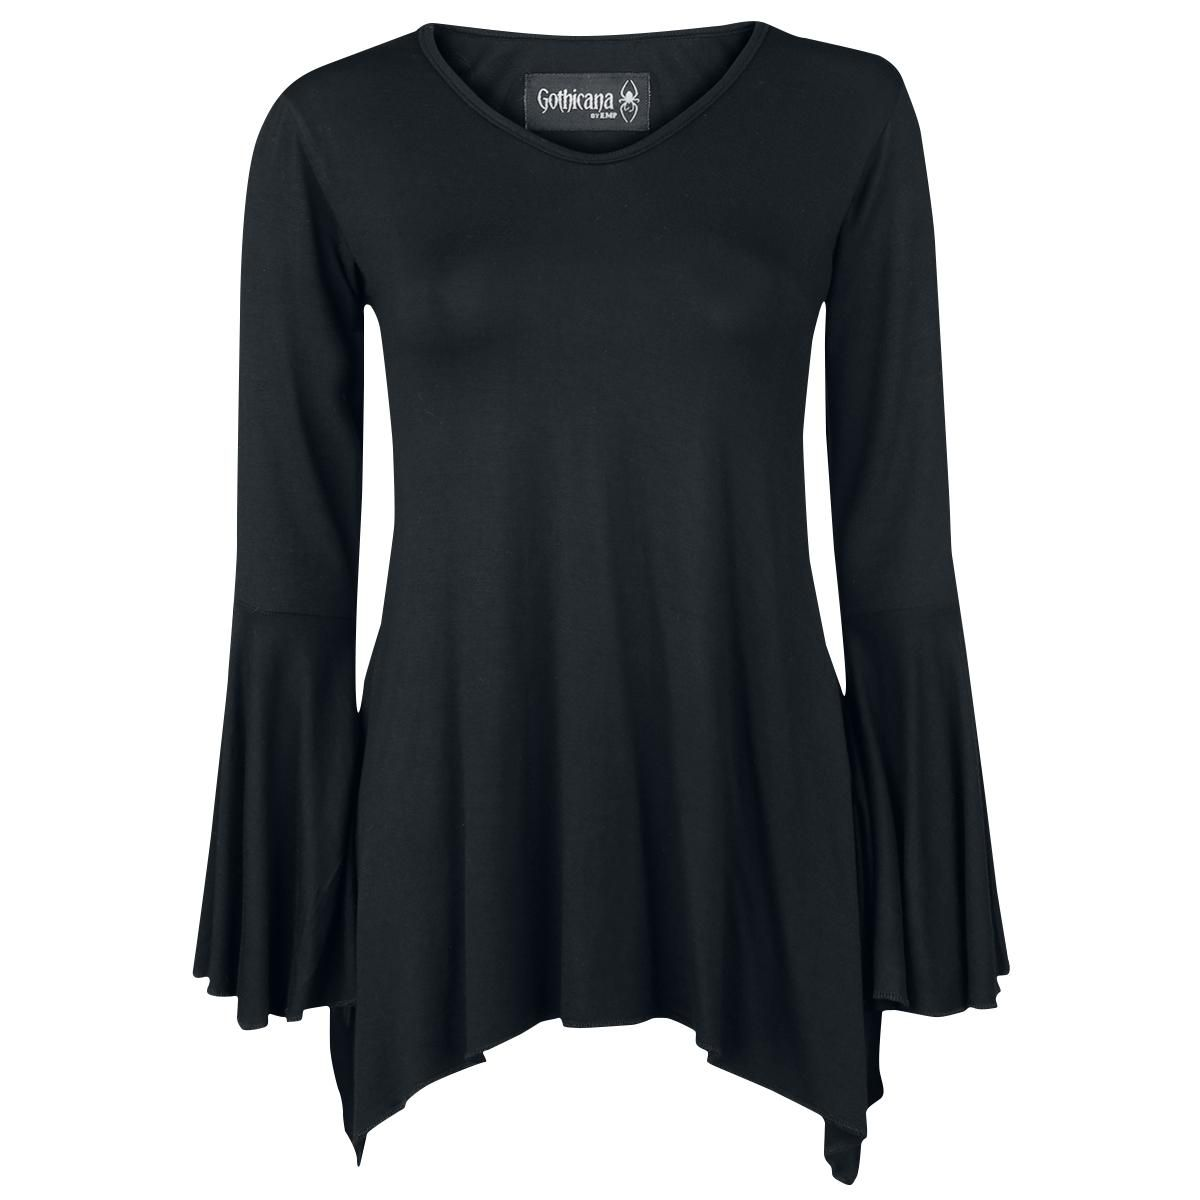 Erityisen pitkässä pitkähihaisessa paidassa on trumpettihihat. Tämä Gothicana by EMP:n Bat Longsleeve -paita toimii myös lyhyenä mekkona ja sen helma laskeutuu kauniisti.